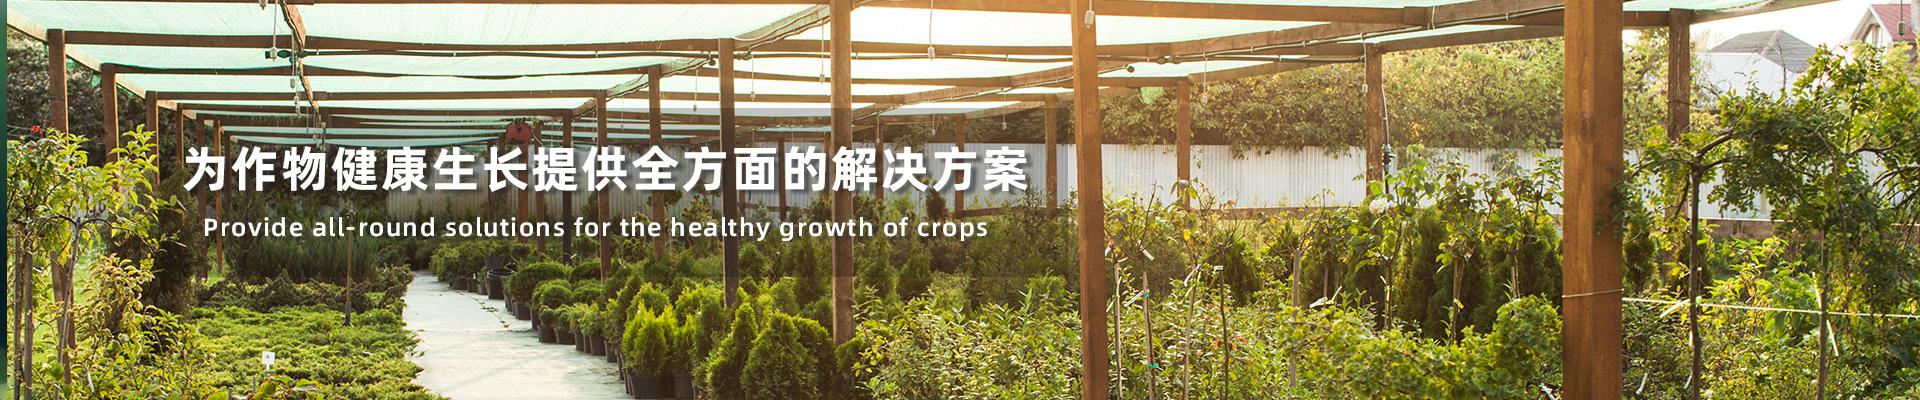 广东泥炭土批发广东泥炭土厂家